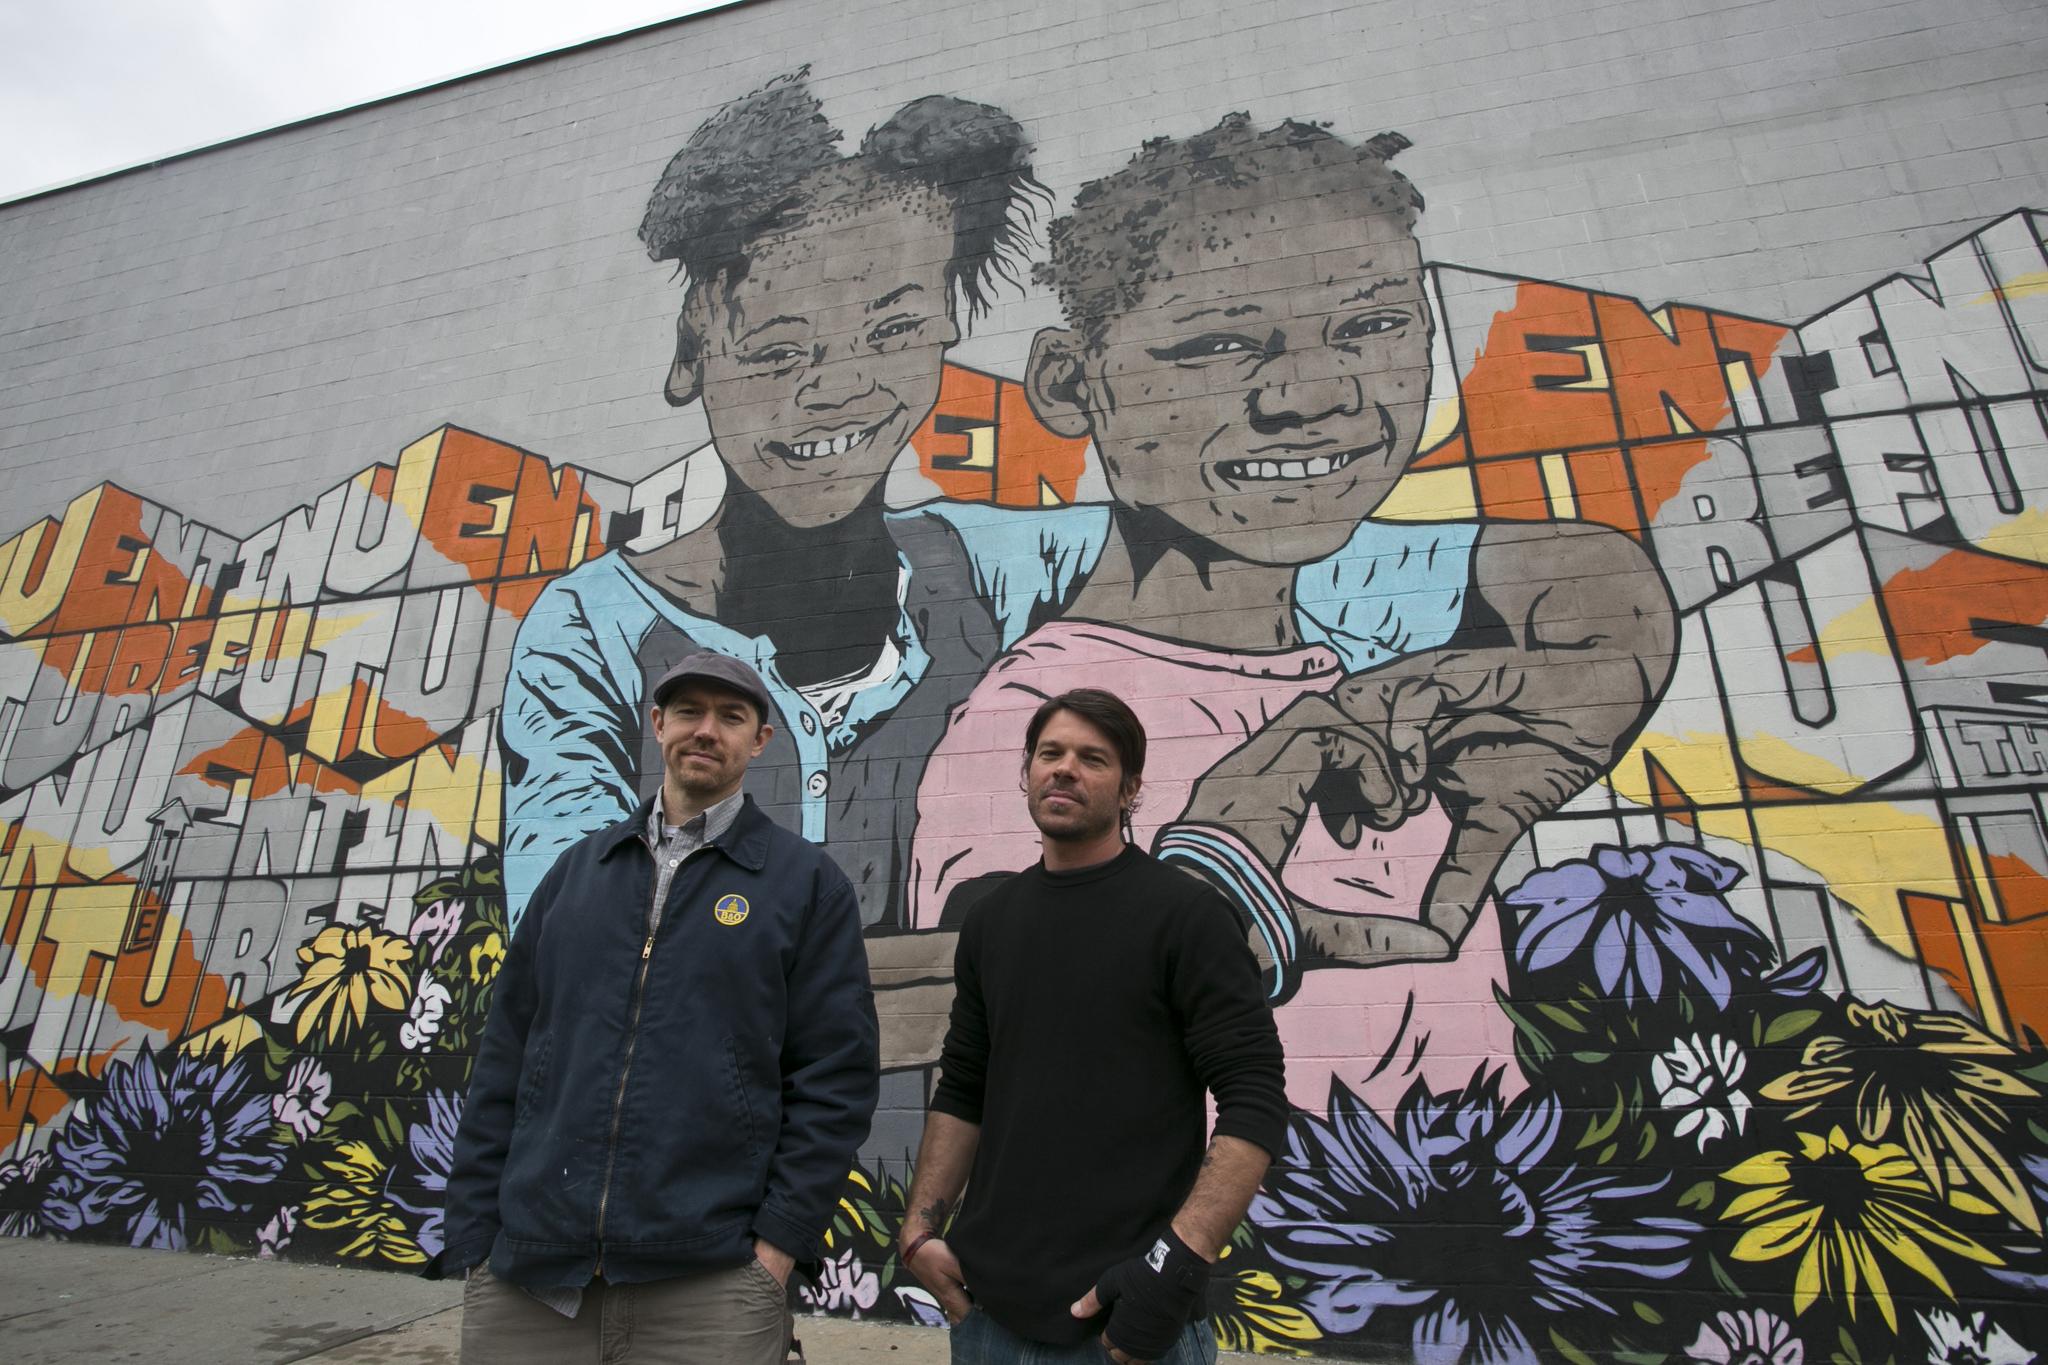 Street artists paint a mural (video)